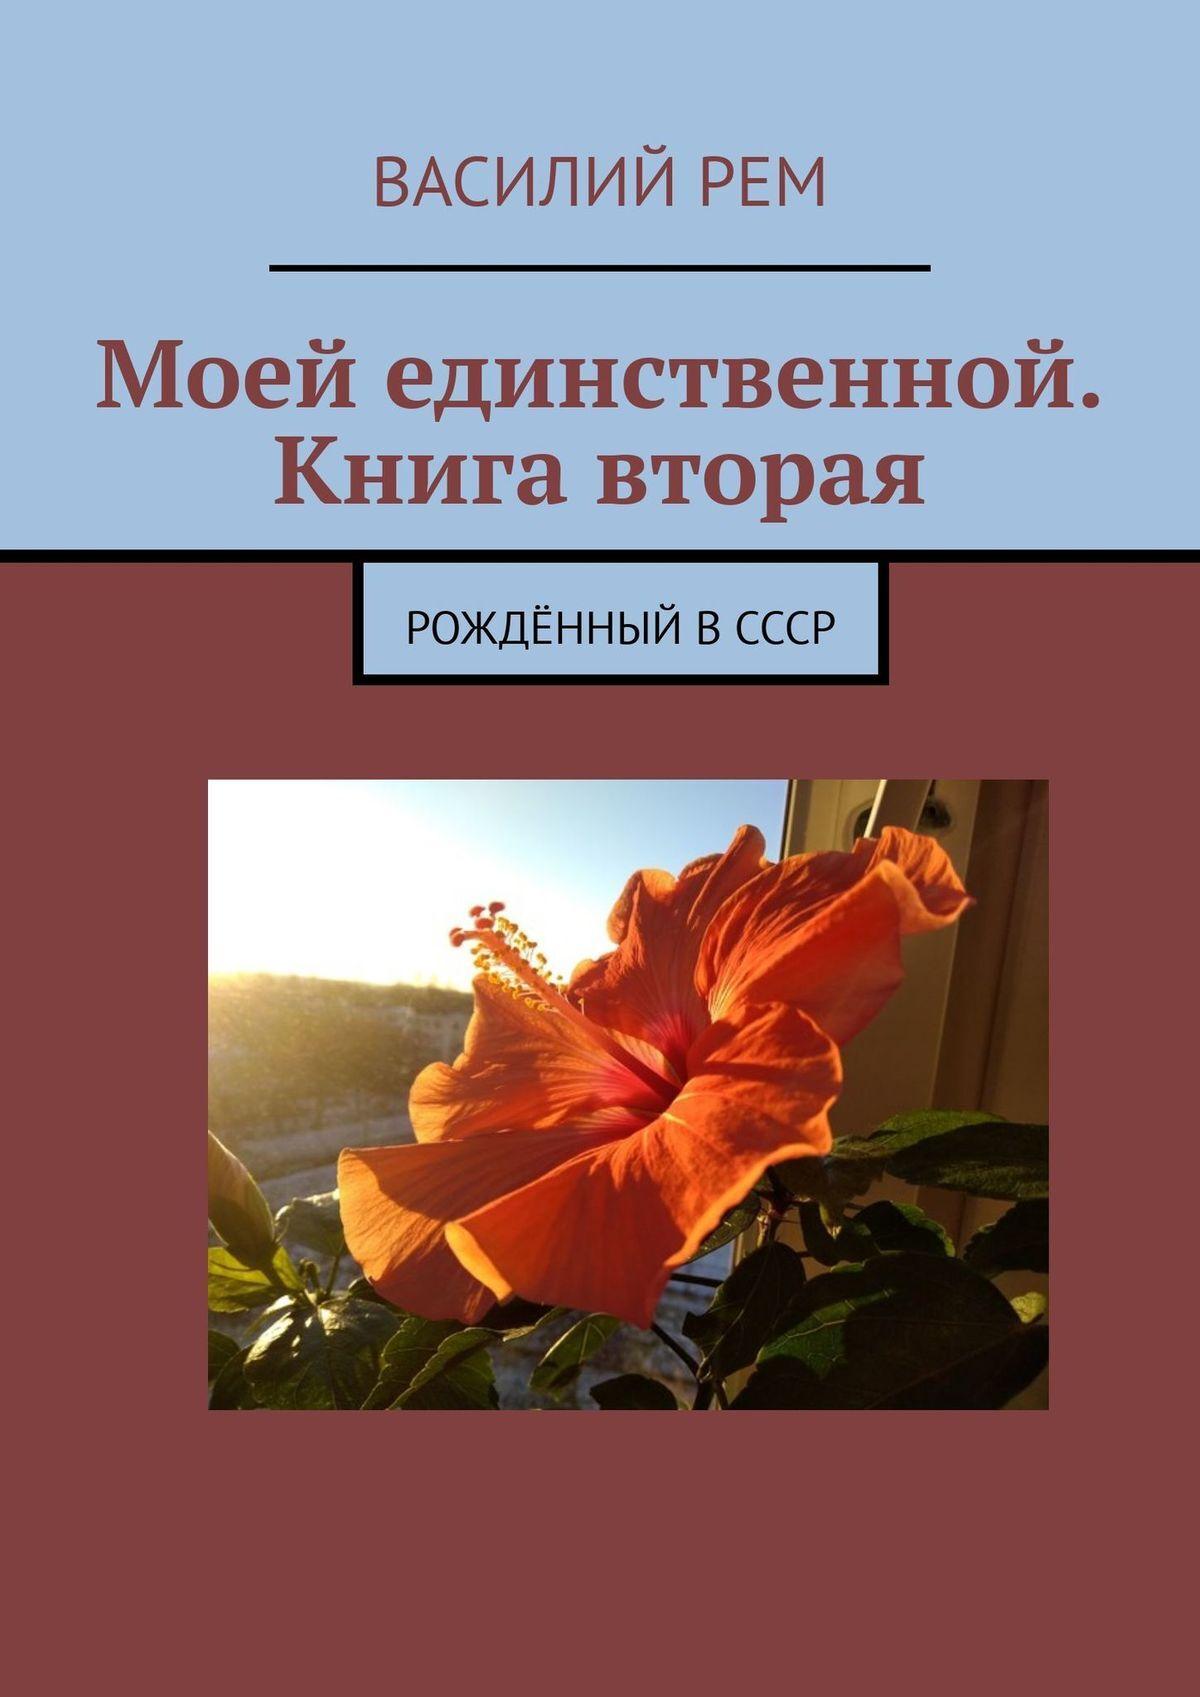 Василий Рем Моей единственной. Книга вторая. Рождённый вСССР